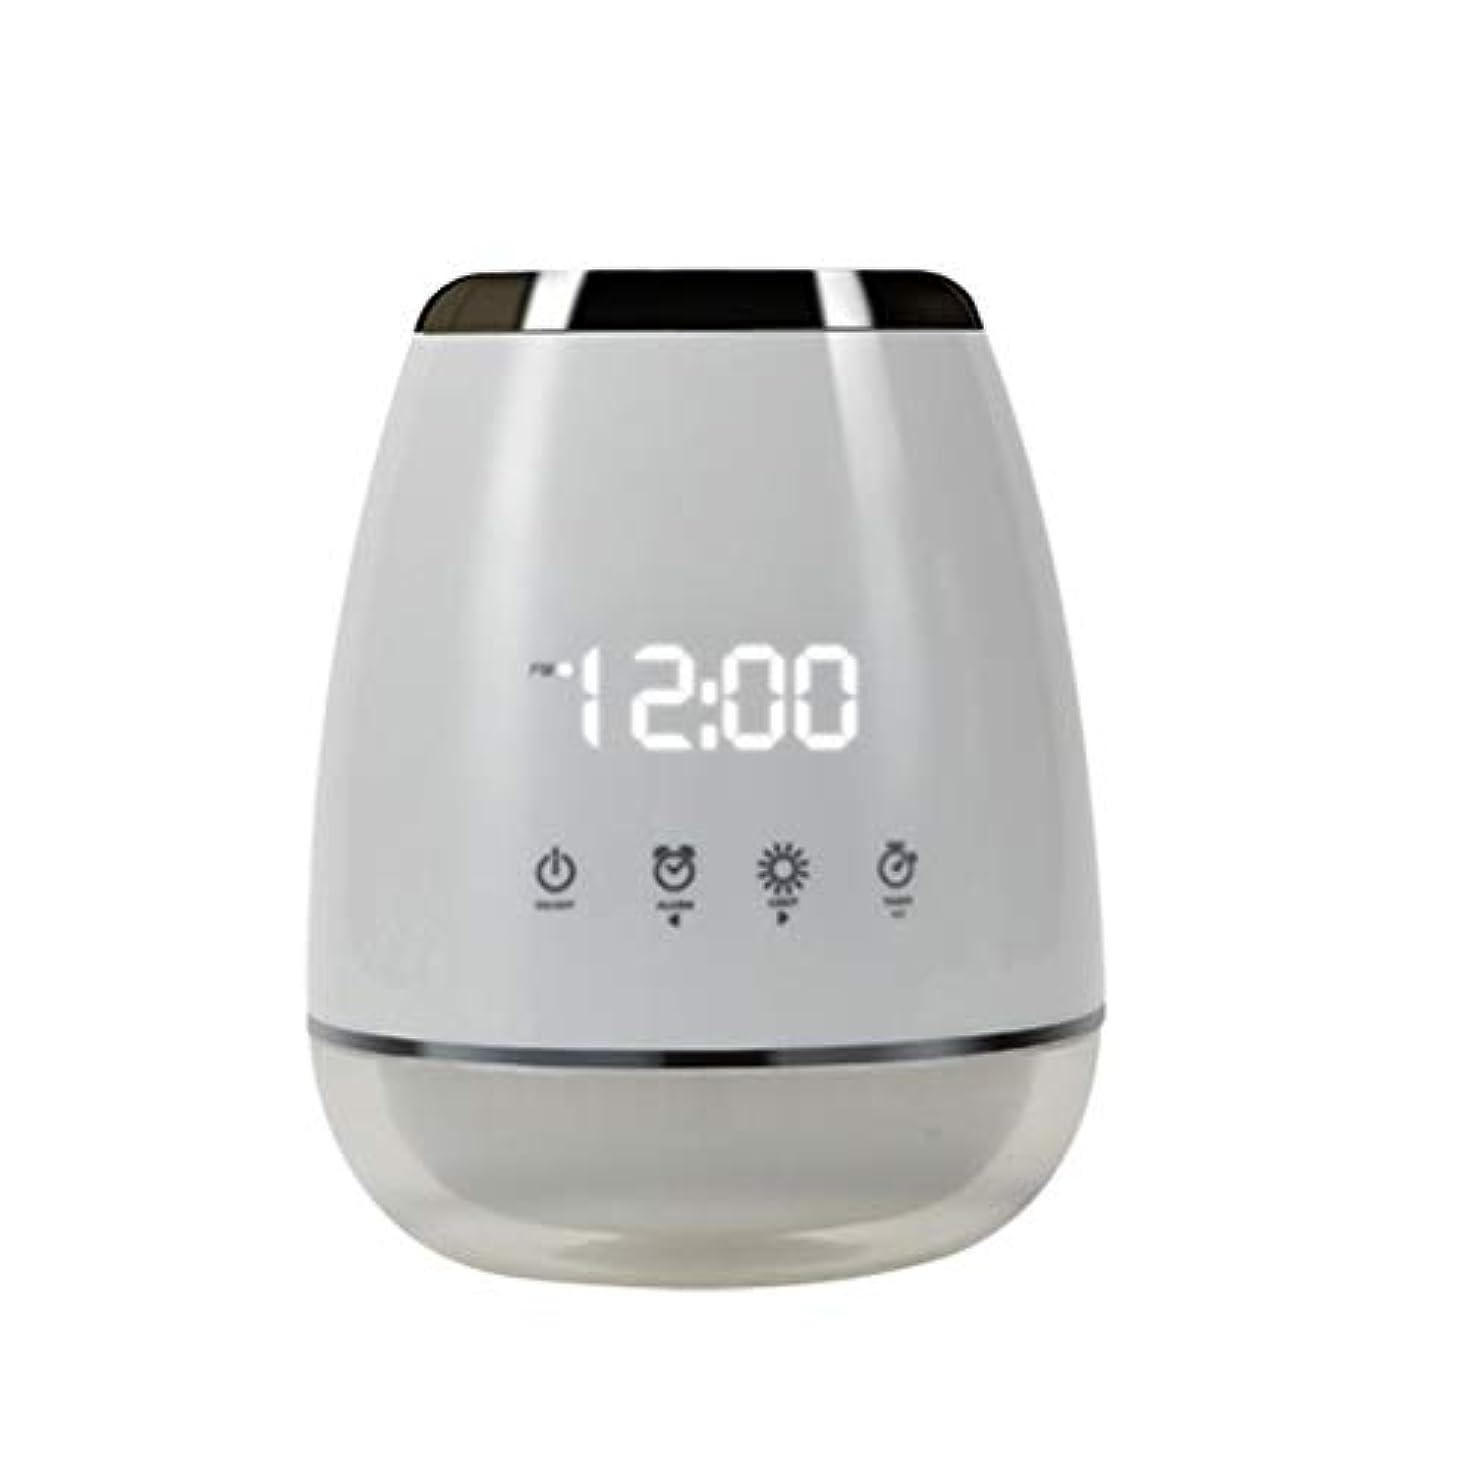 意味する主人ゴールエッセンシャルオイル アロマディフューザー 空気加湿器 アロマセラップ LED 超音波 クールミスト フォガー 加湿器 ディフューザー スプレー 家庭用 USプラグ付き ホワイト